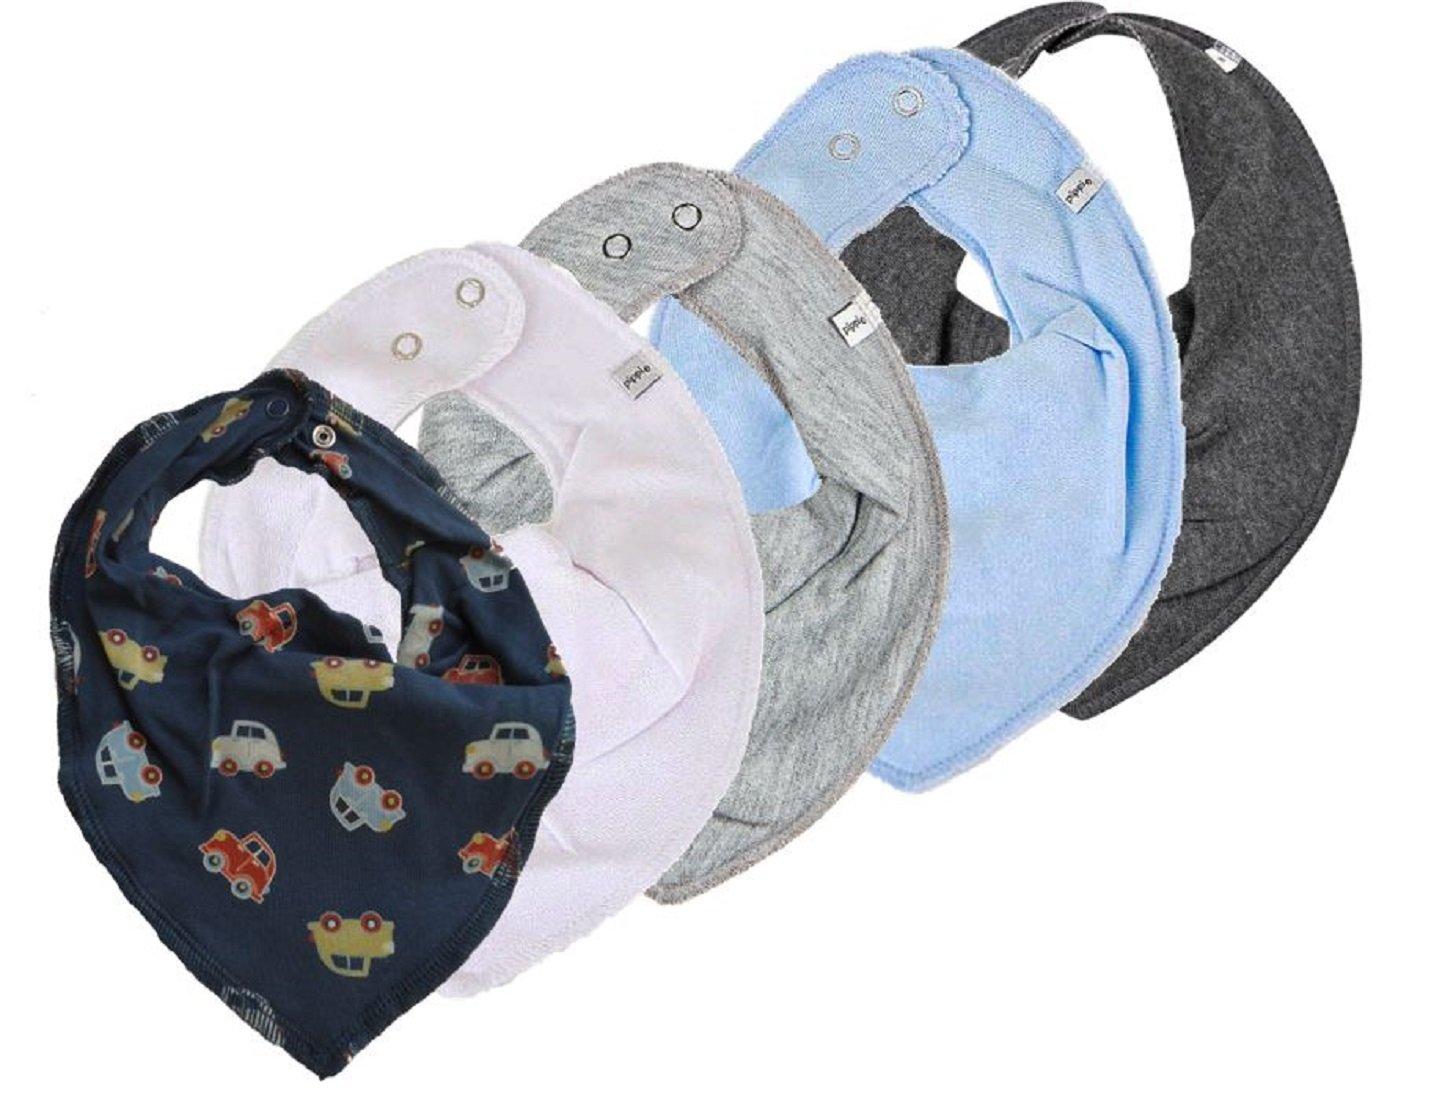 ★ PIPPI ★ 4er Super Set Baby HALSTUCH Dreieckstuch 4 Stück WINTER mit weiss / grau / hellblau / steingrau ★ + 1 Halstuch mit Fleece GRATIS (Autos auf blau)